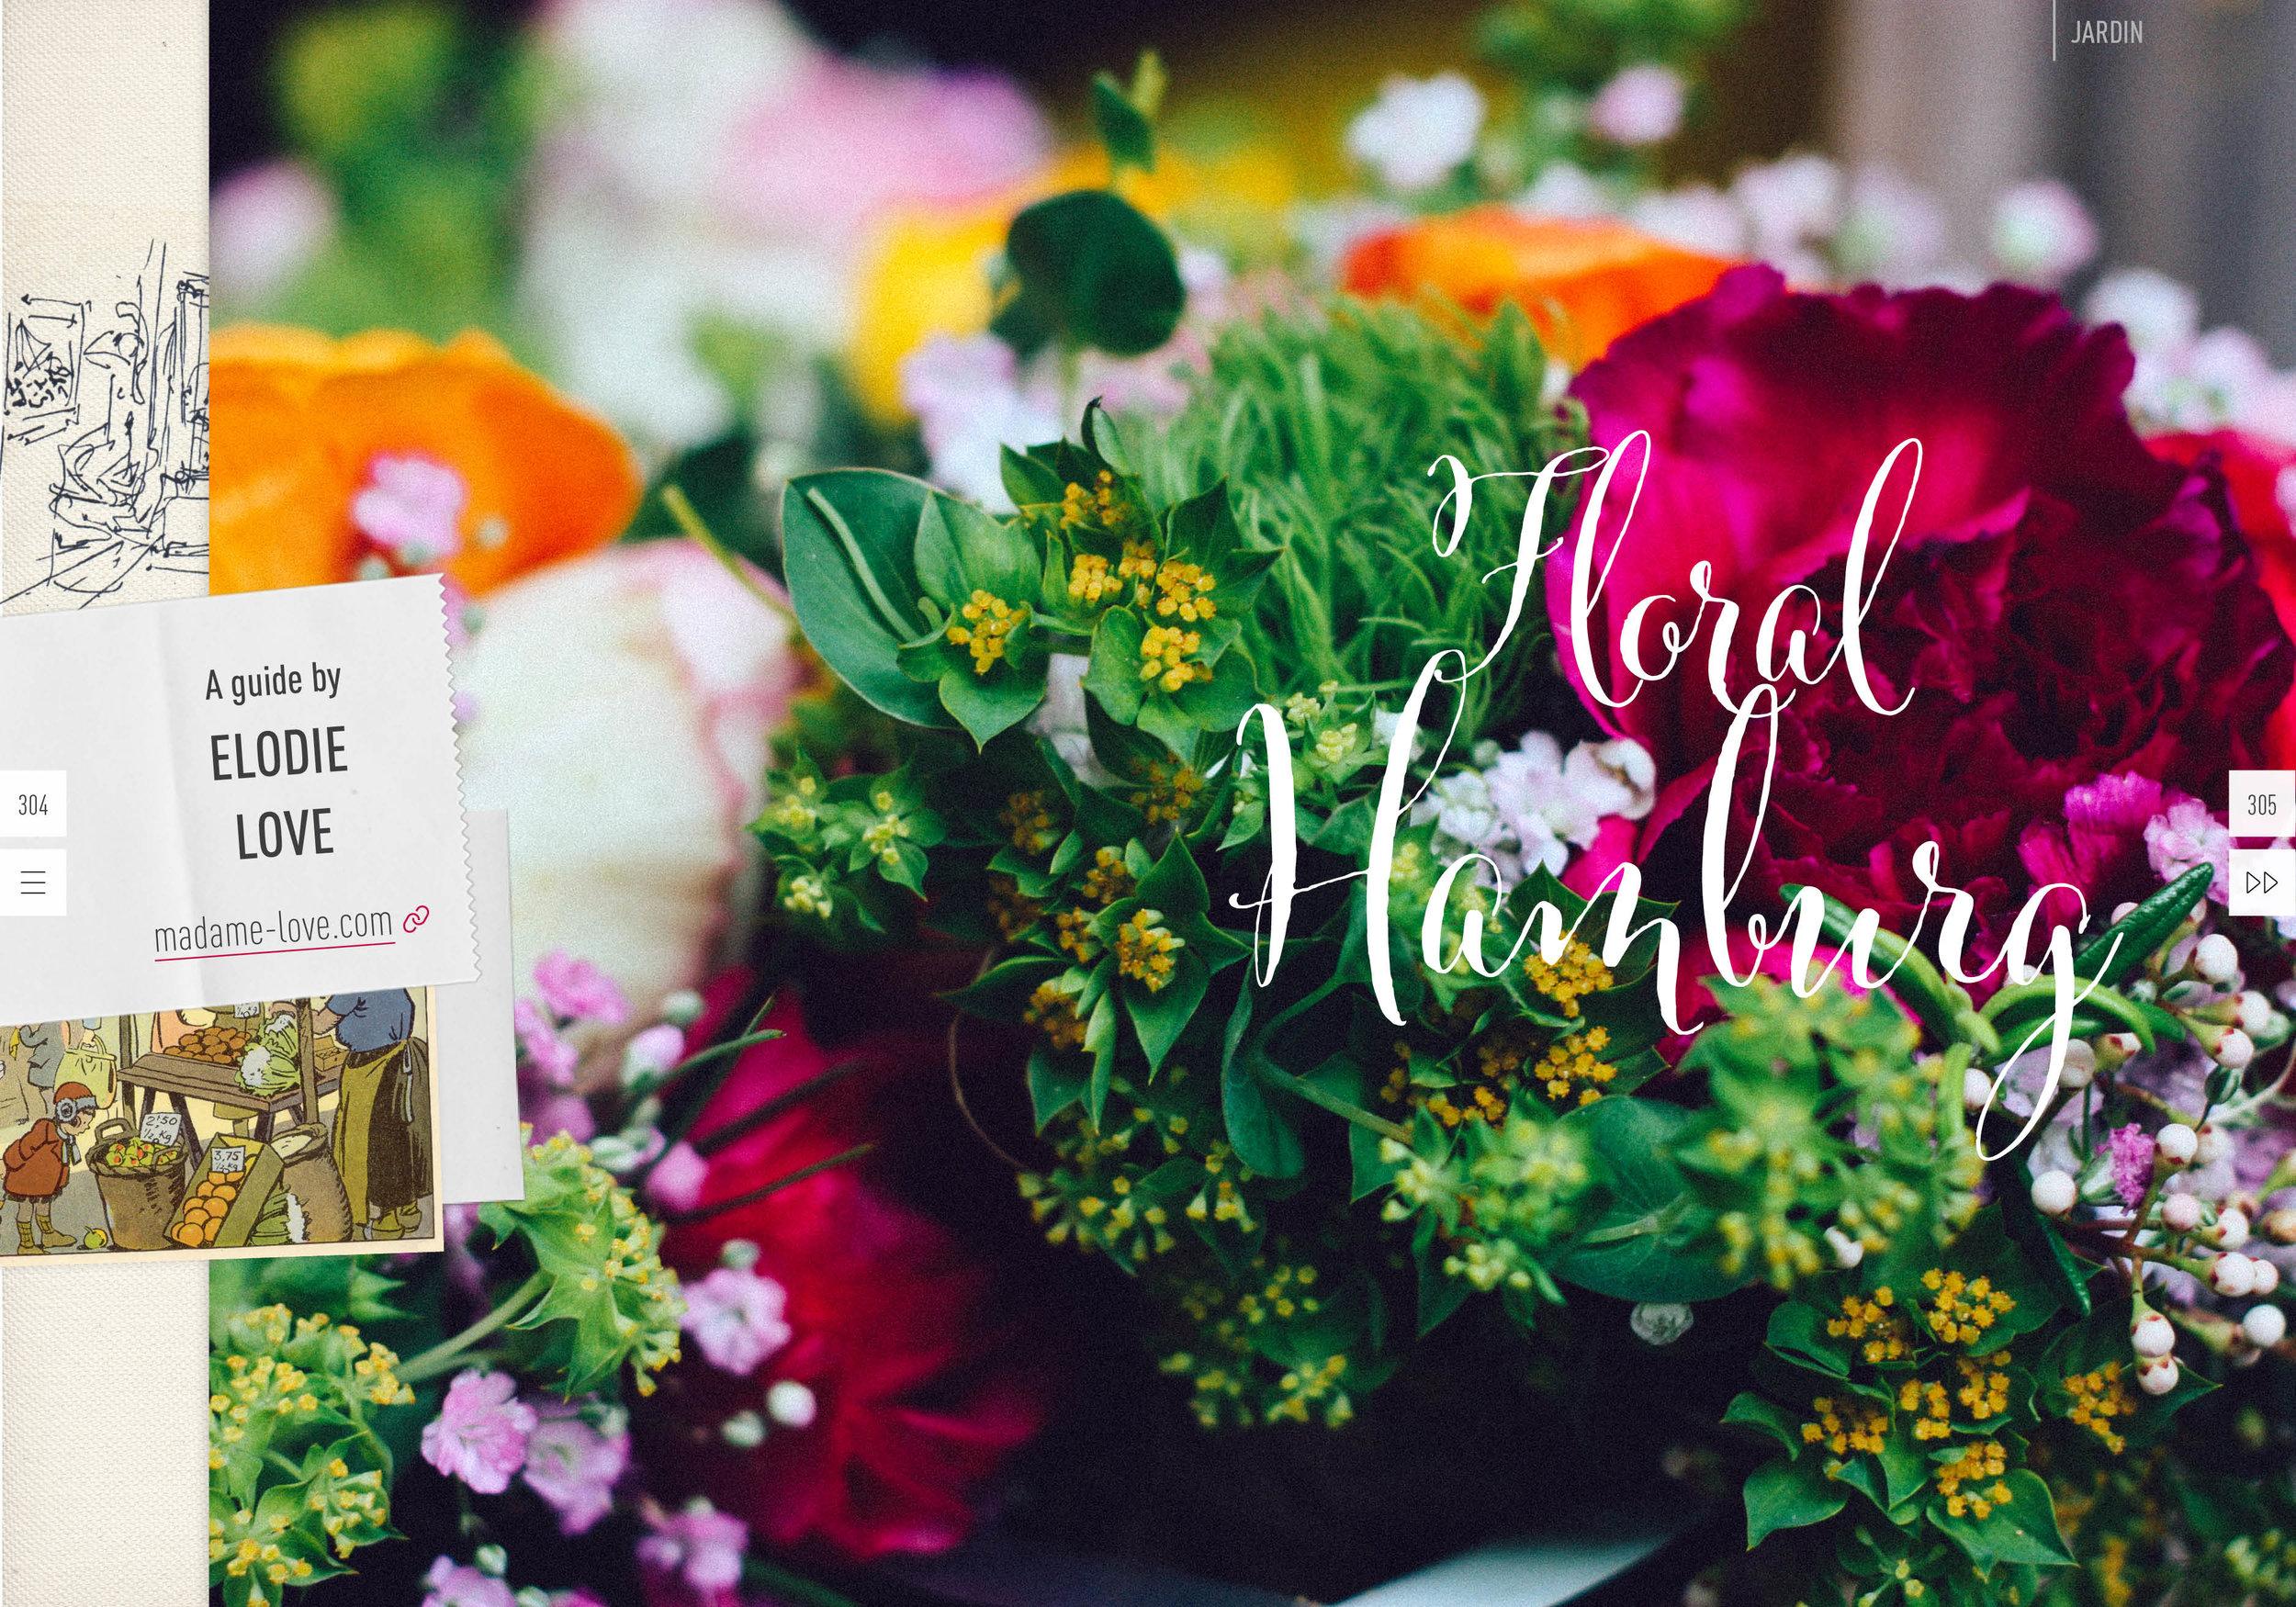 siserMAG _Floral_Hamburg_by_madame_love_1